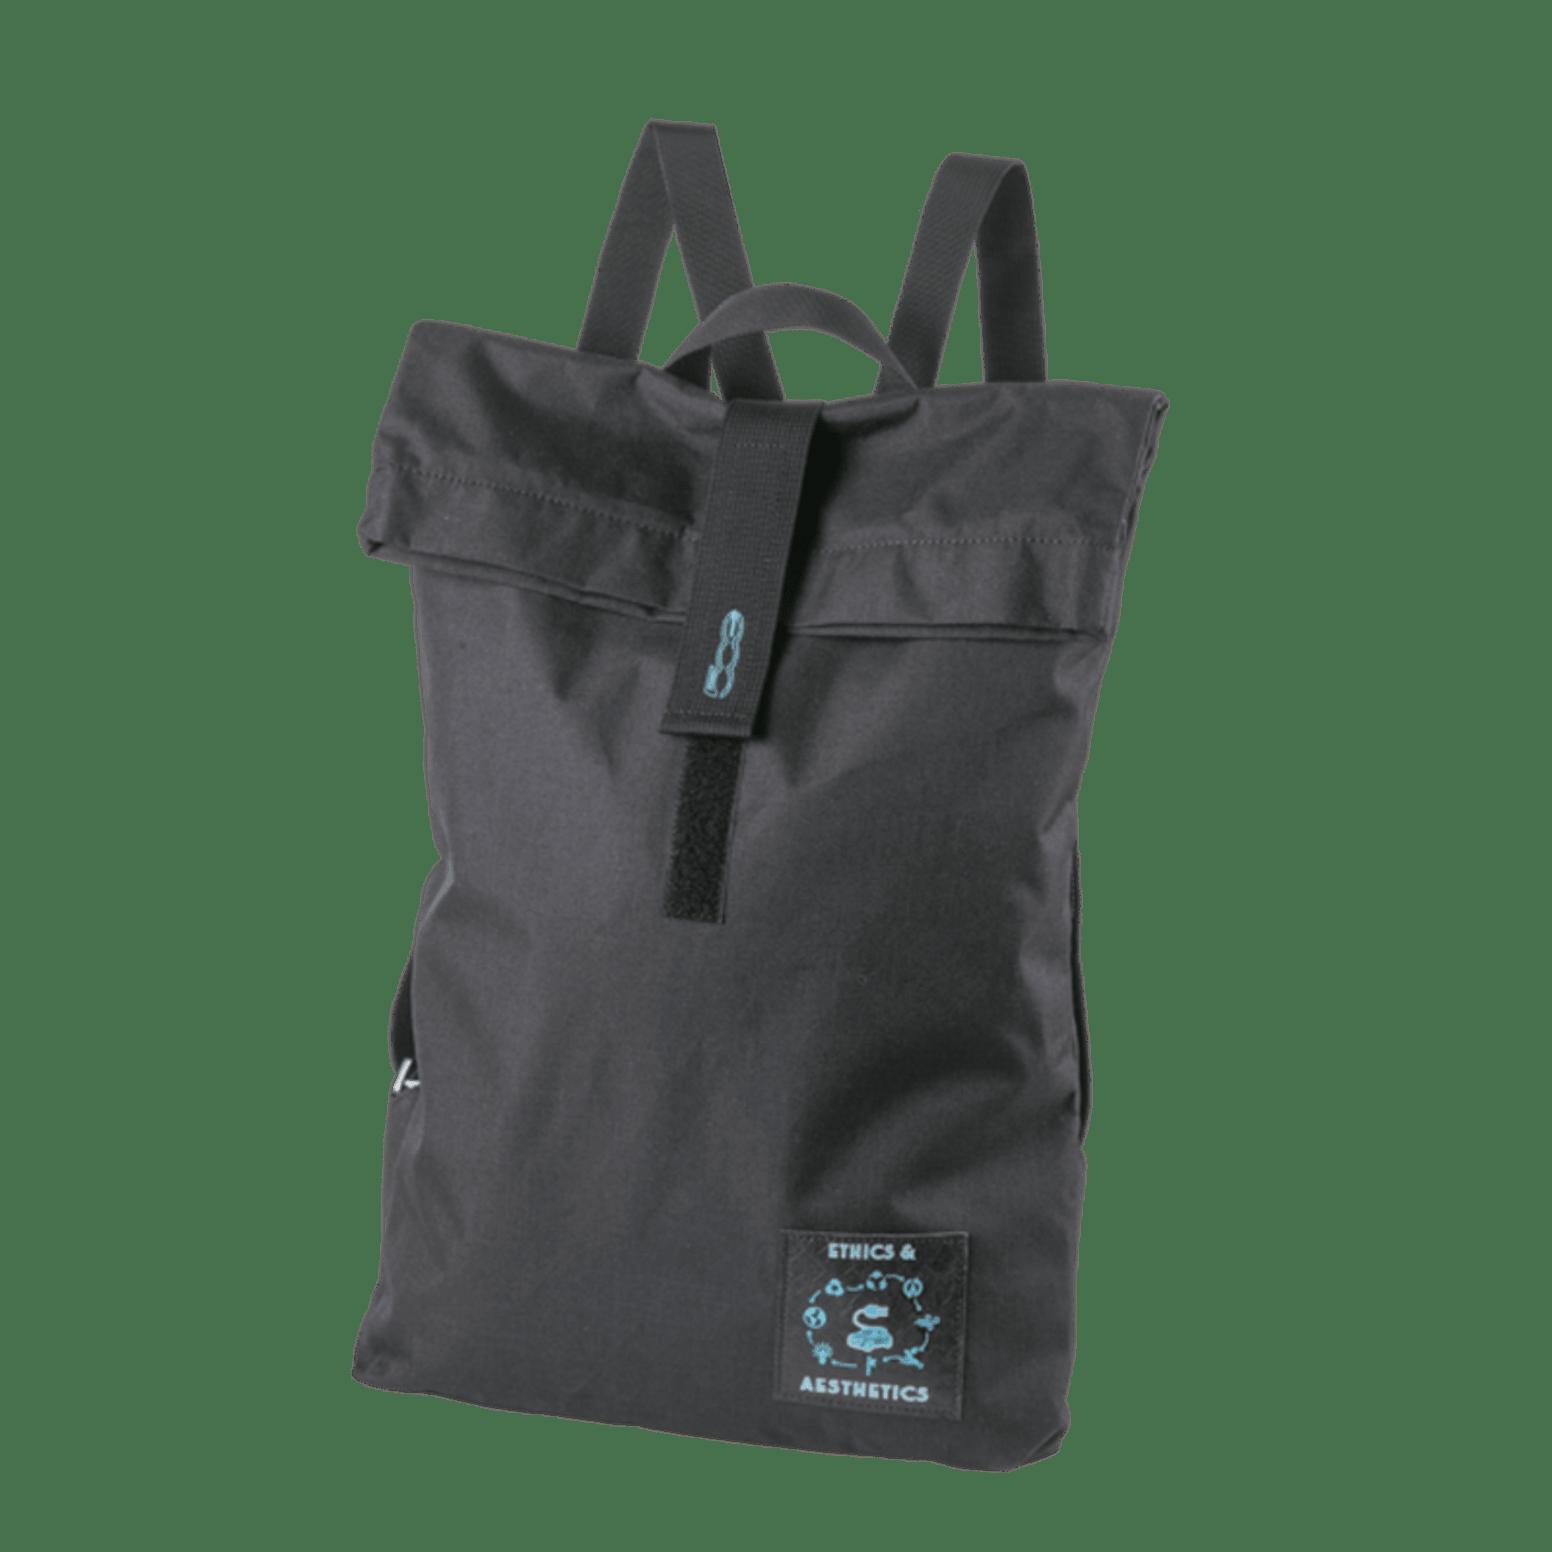 500e Rpet Backpack Merchandise